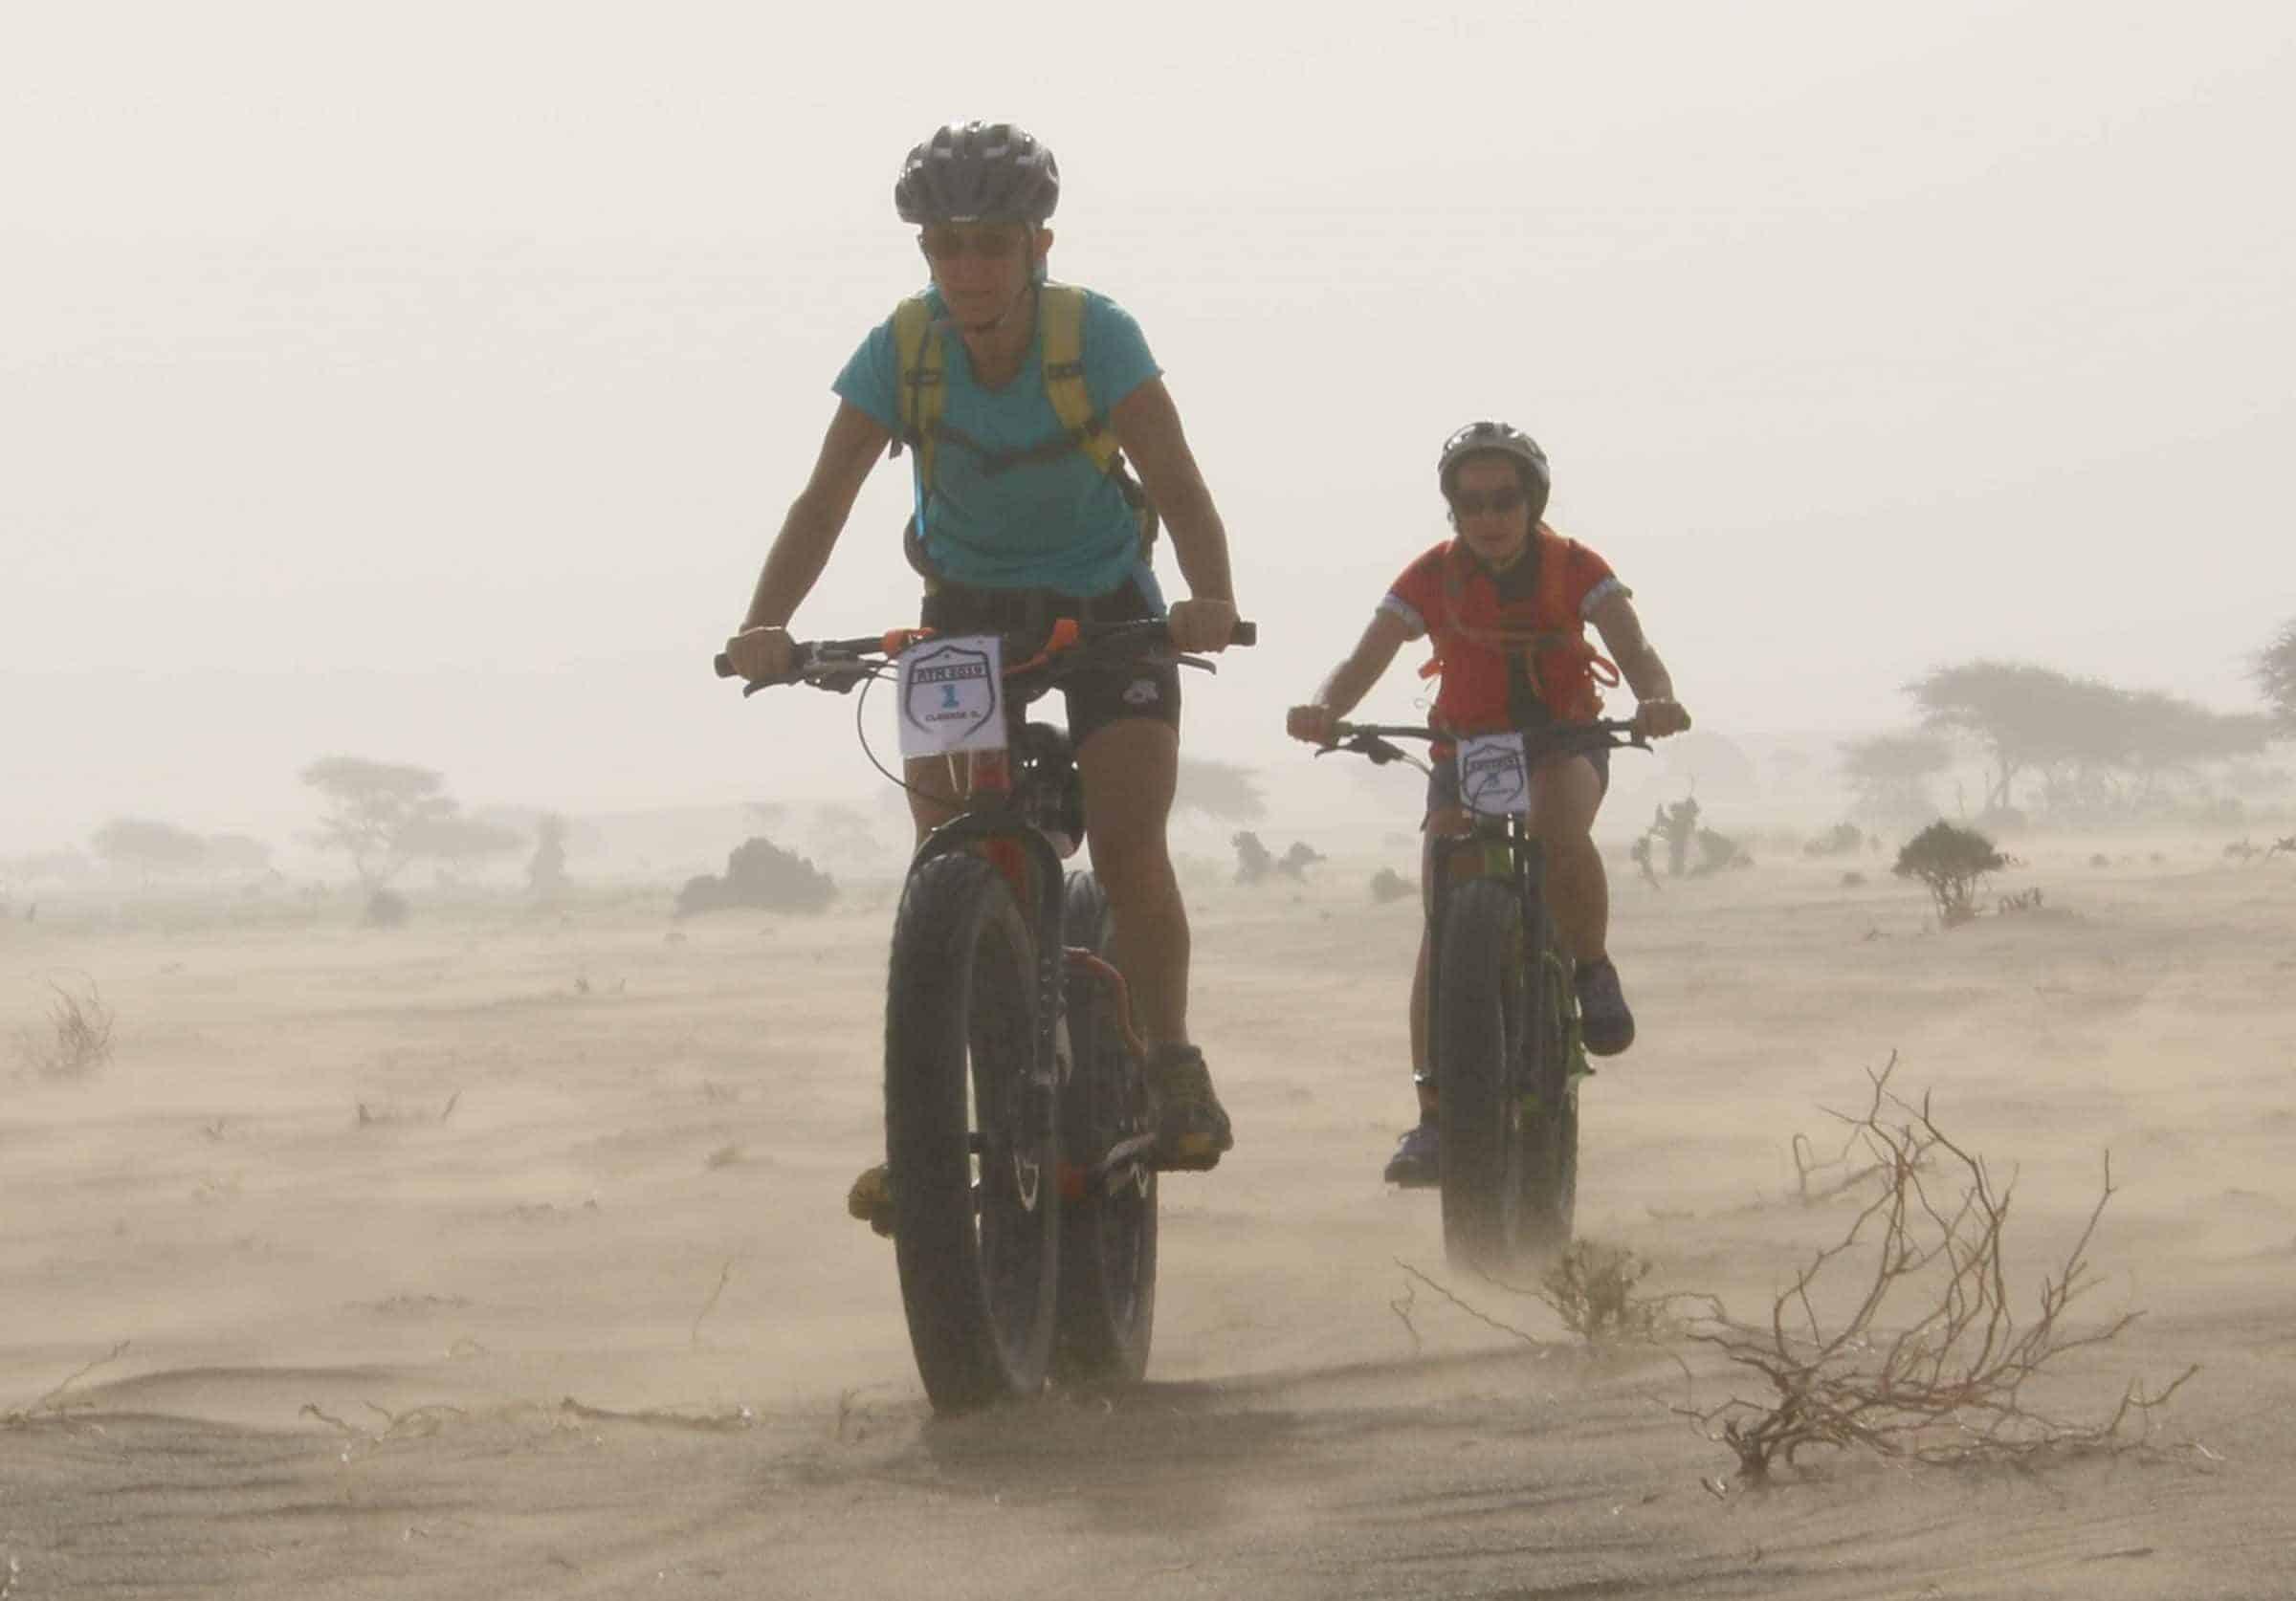 fatbike-equipe-feminine-desert-vent-sabl